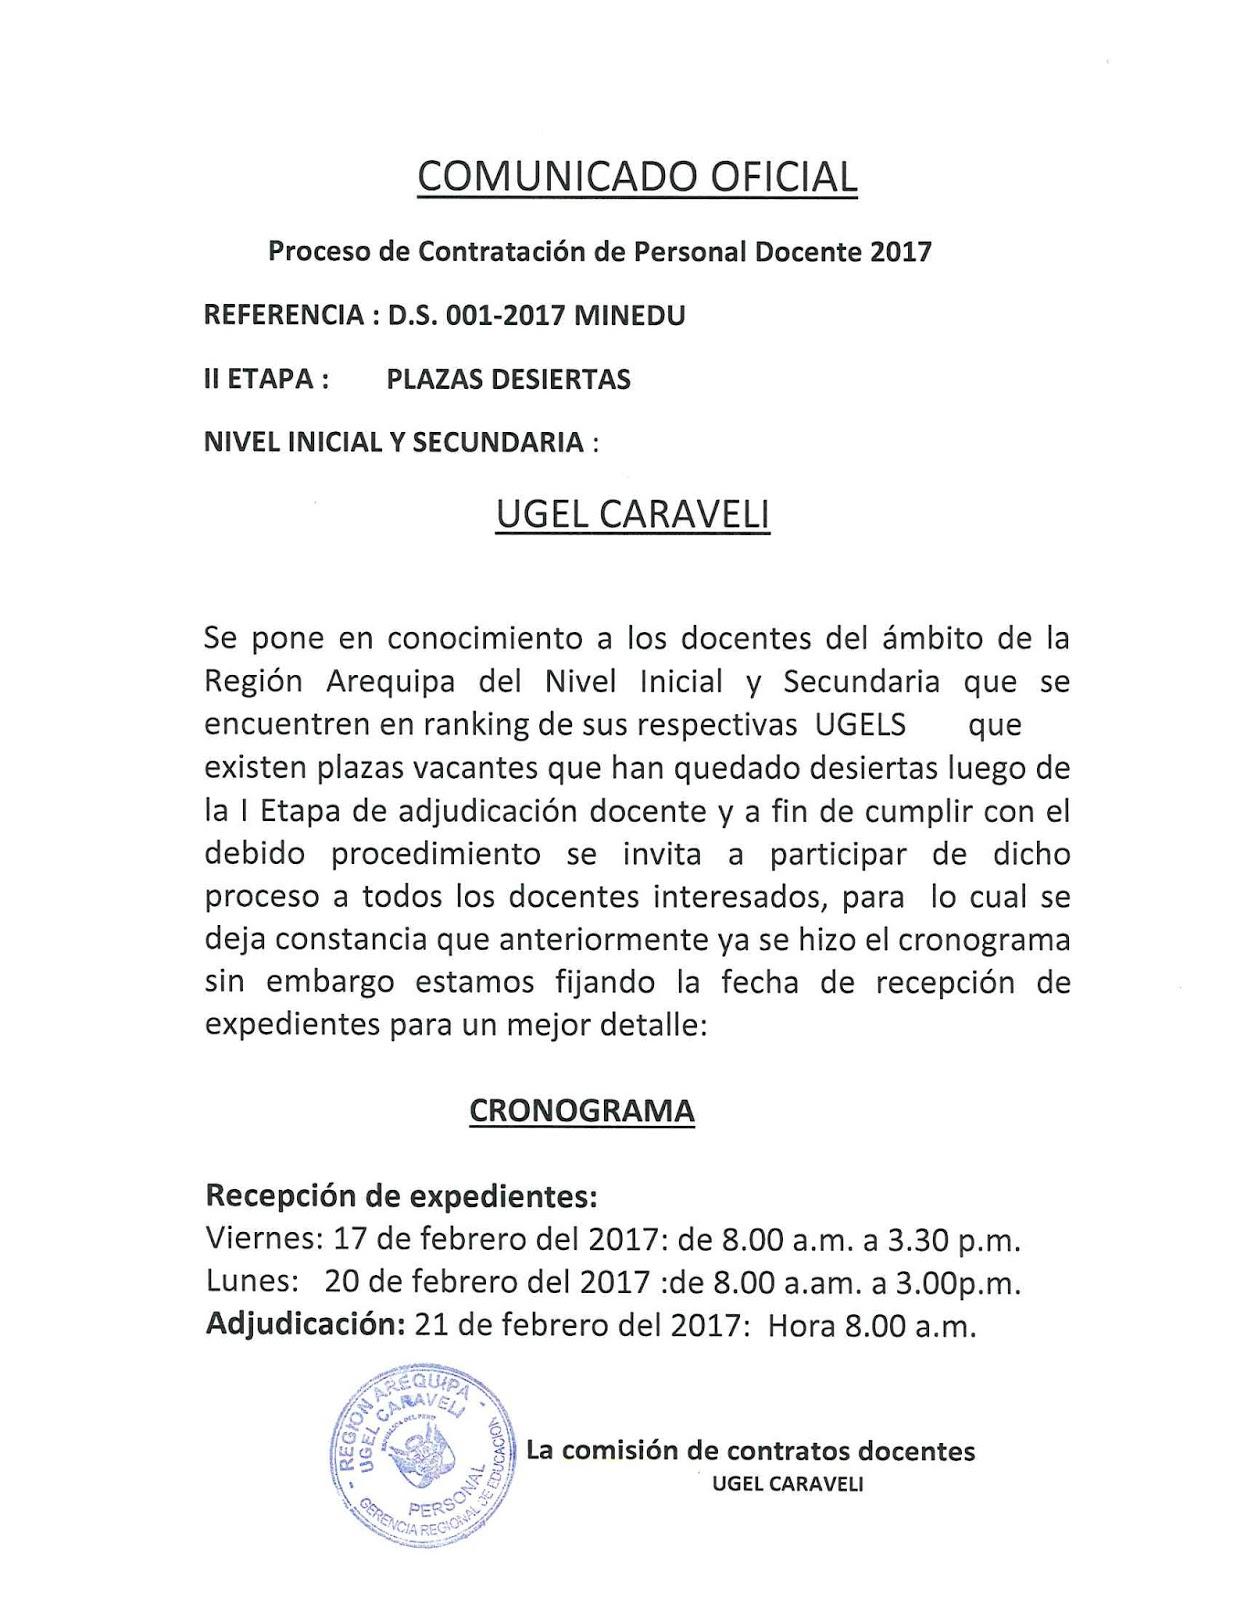 Comunicado oficial proceso de contrataci n docente 2017 for Convocatoria de plazas docentes 2017